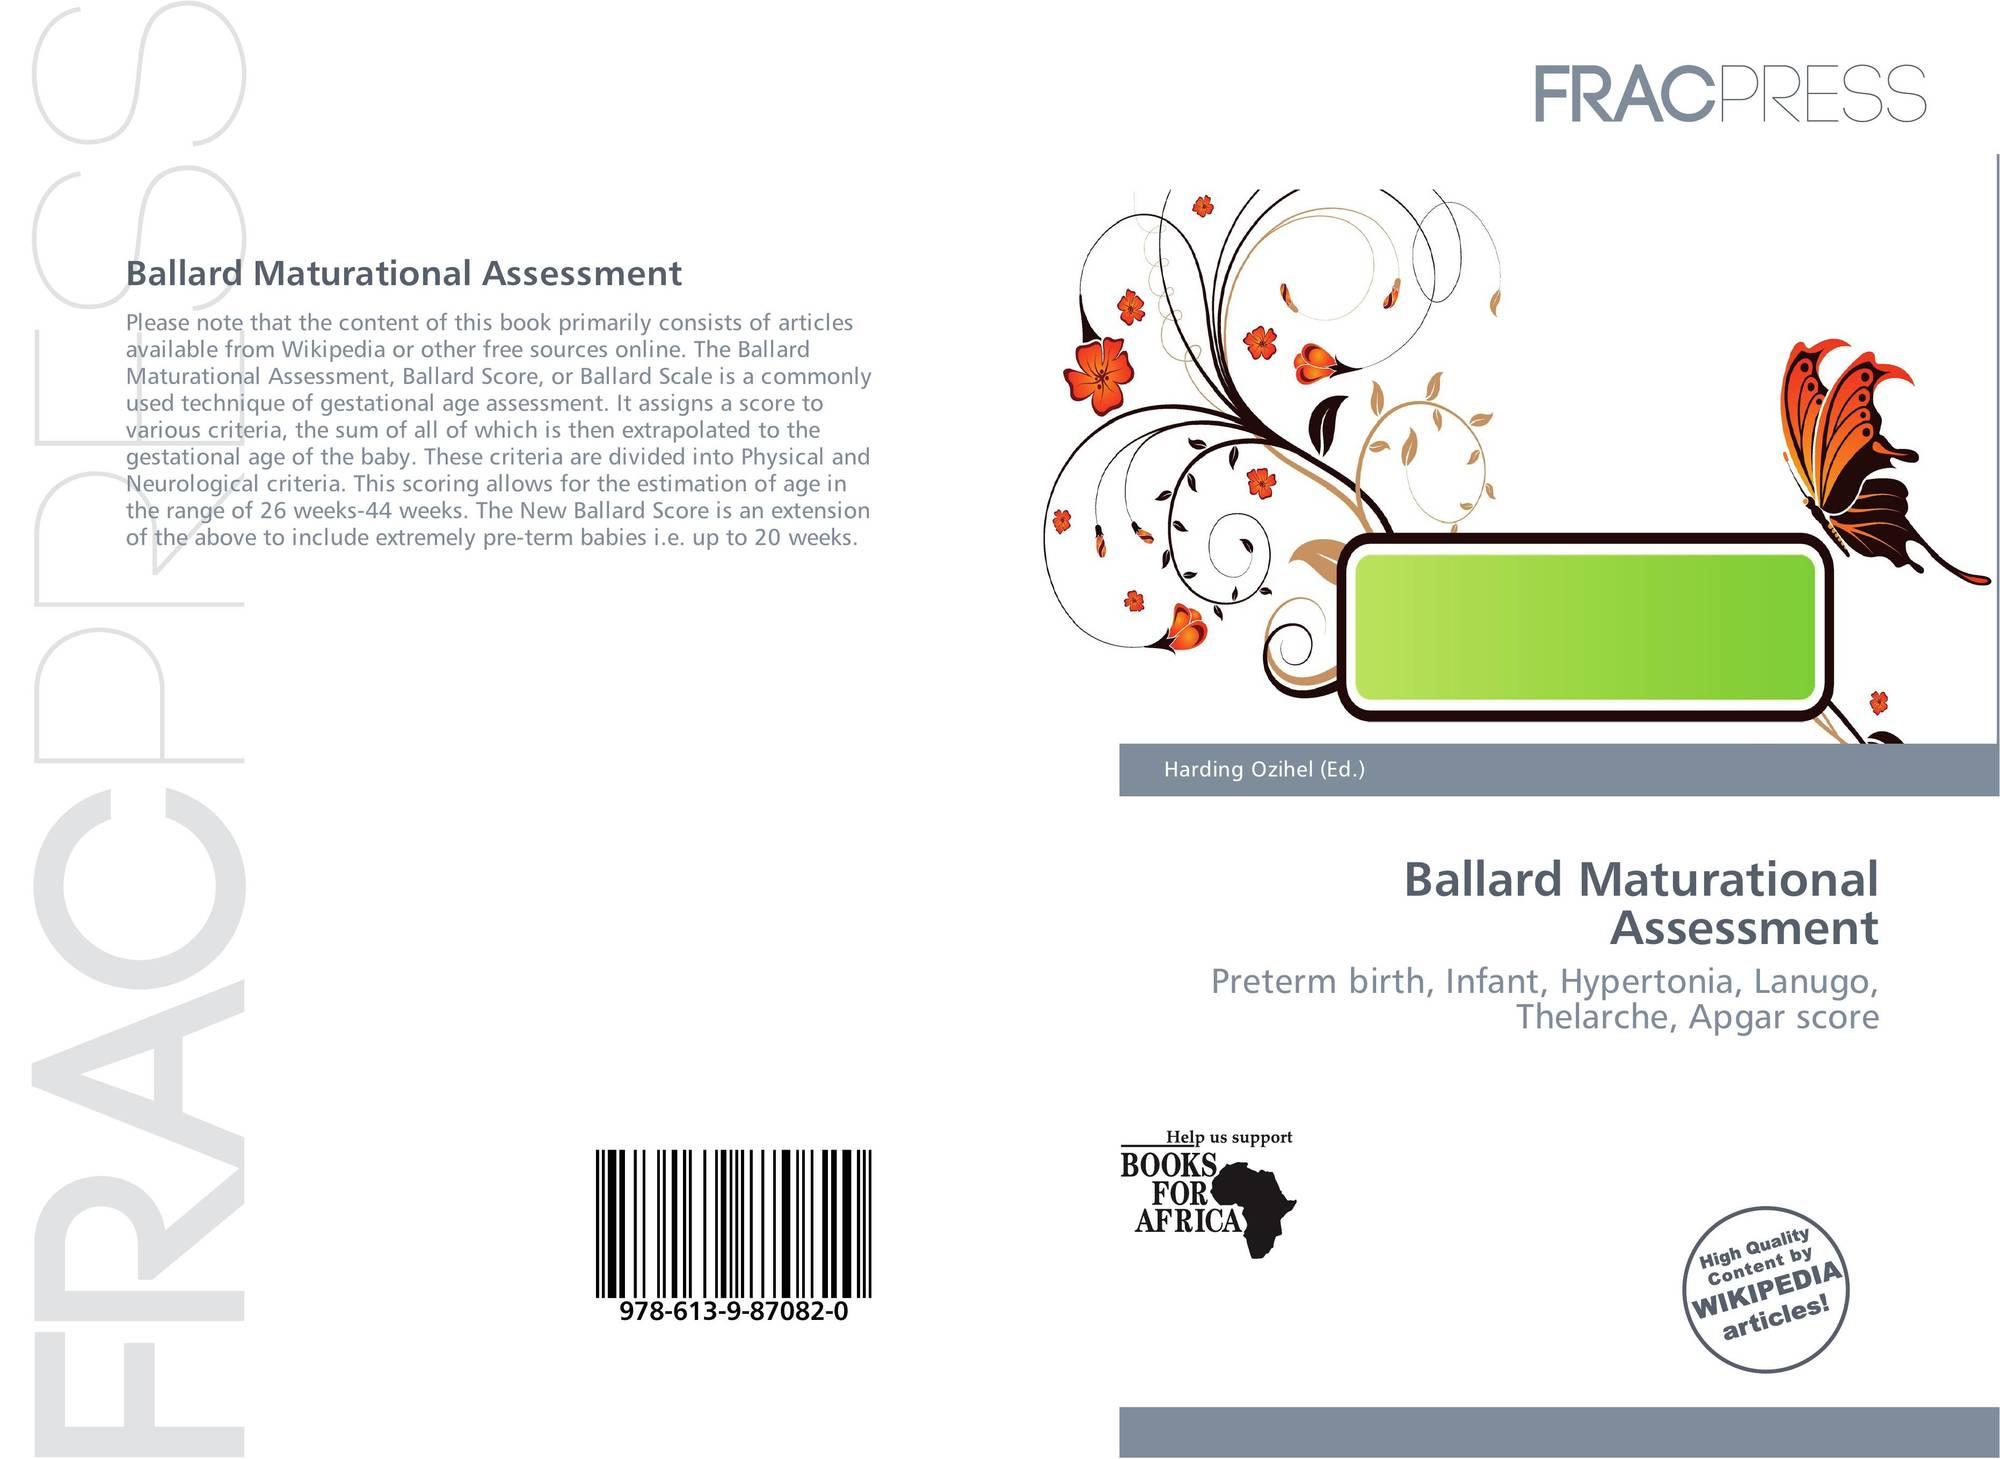 ballard maturational assessment, 978-613-9-87082-0, 6139870828